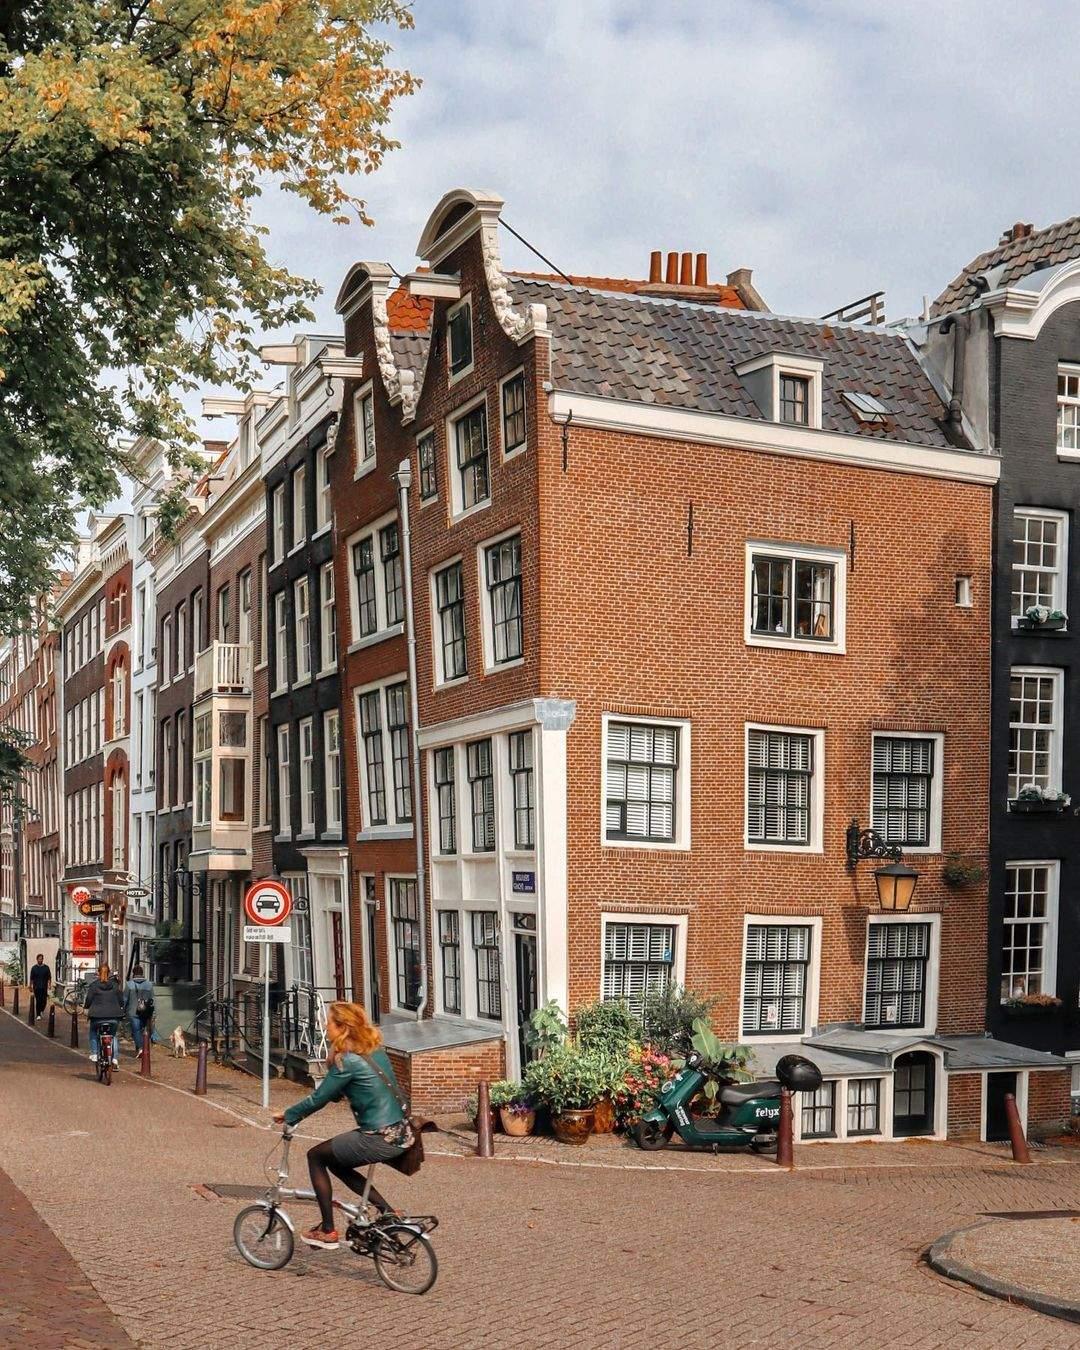 Нахилений вперед будинок: особливість Амстердамського будівництва  / Фото instagram Bodiek